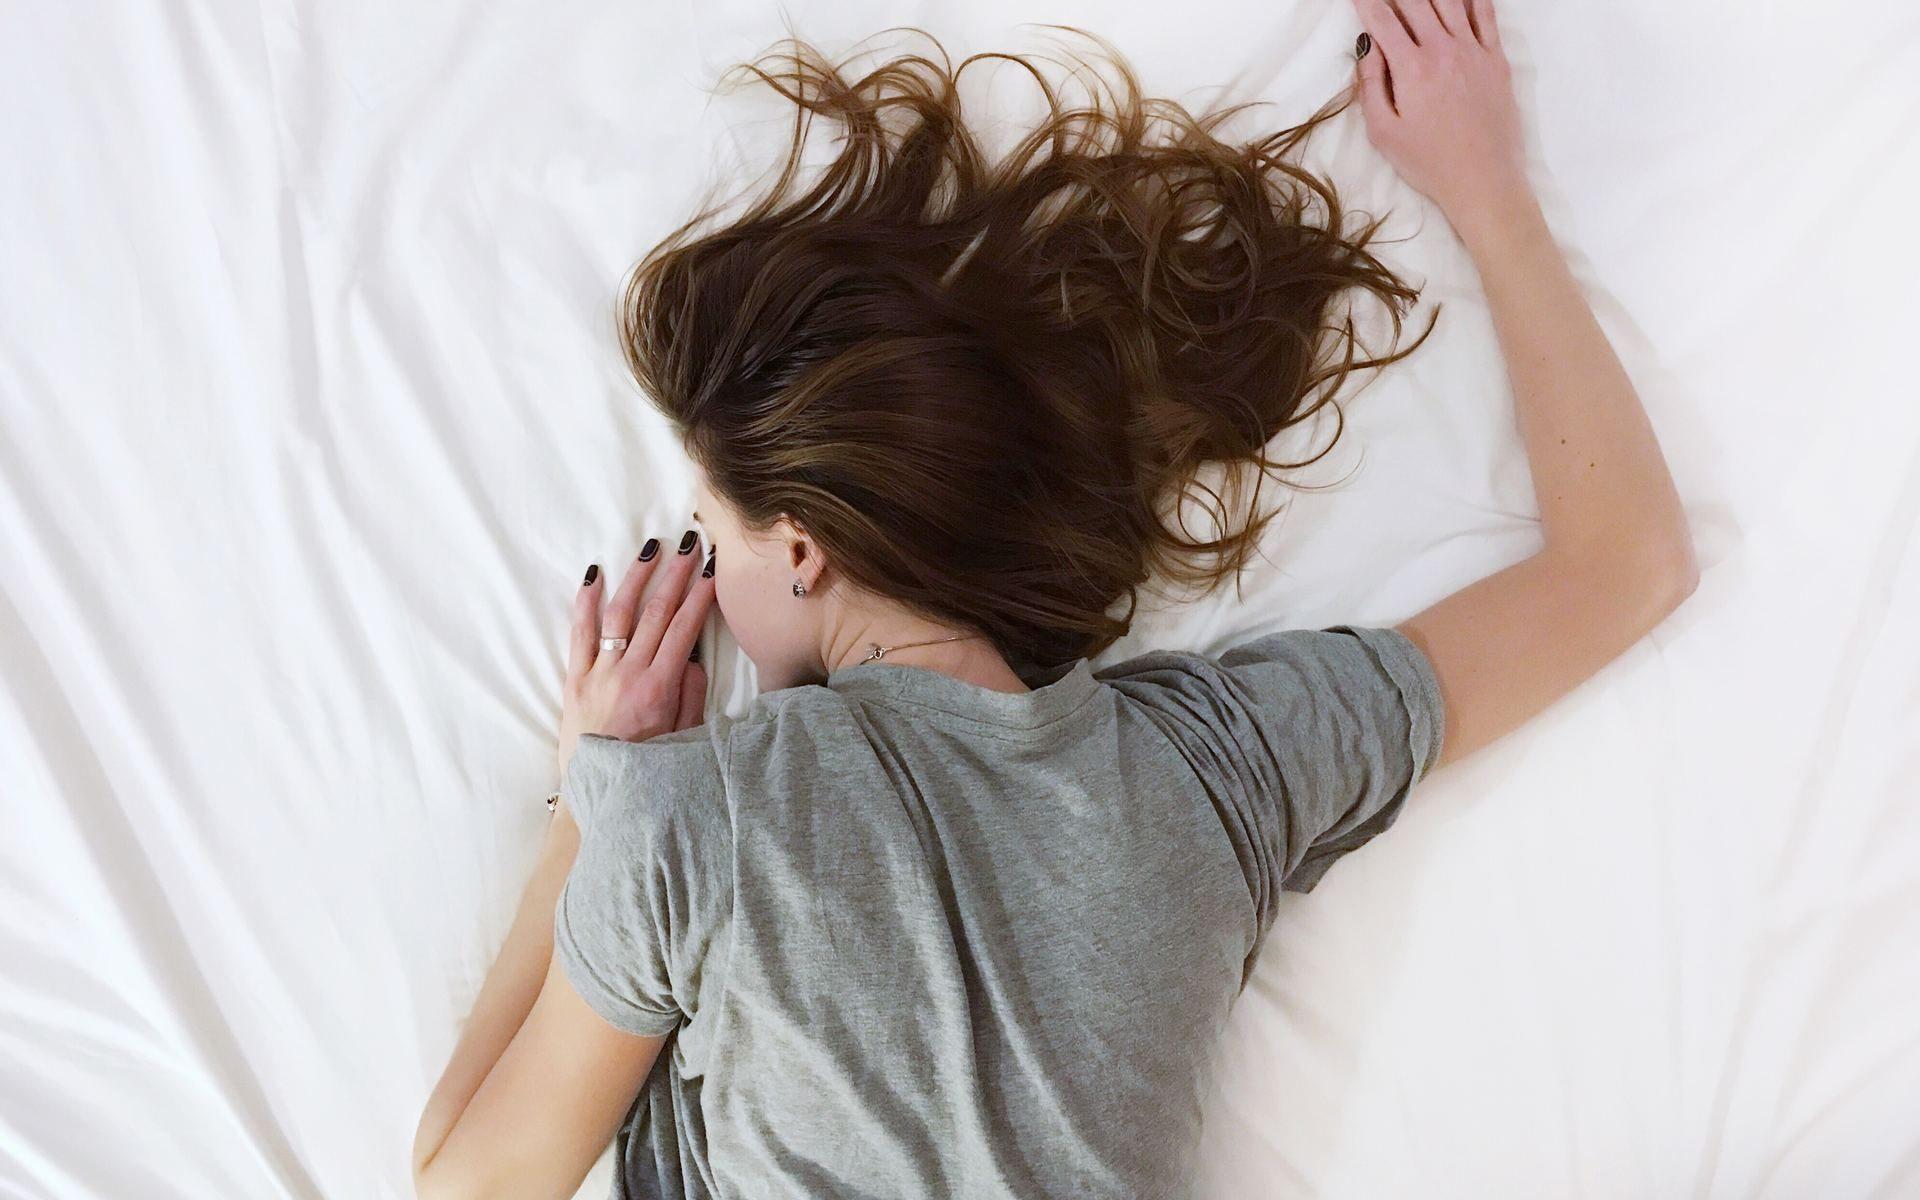 Har du tjek på, om du får sovet godt nok?